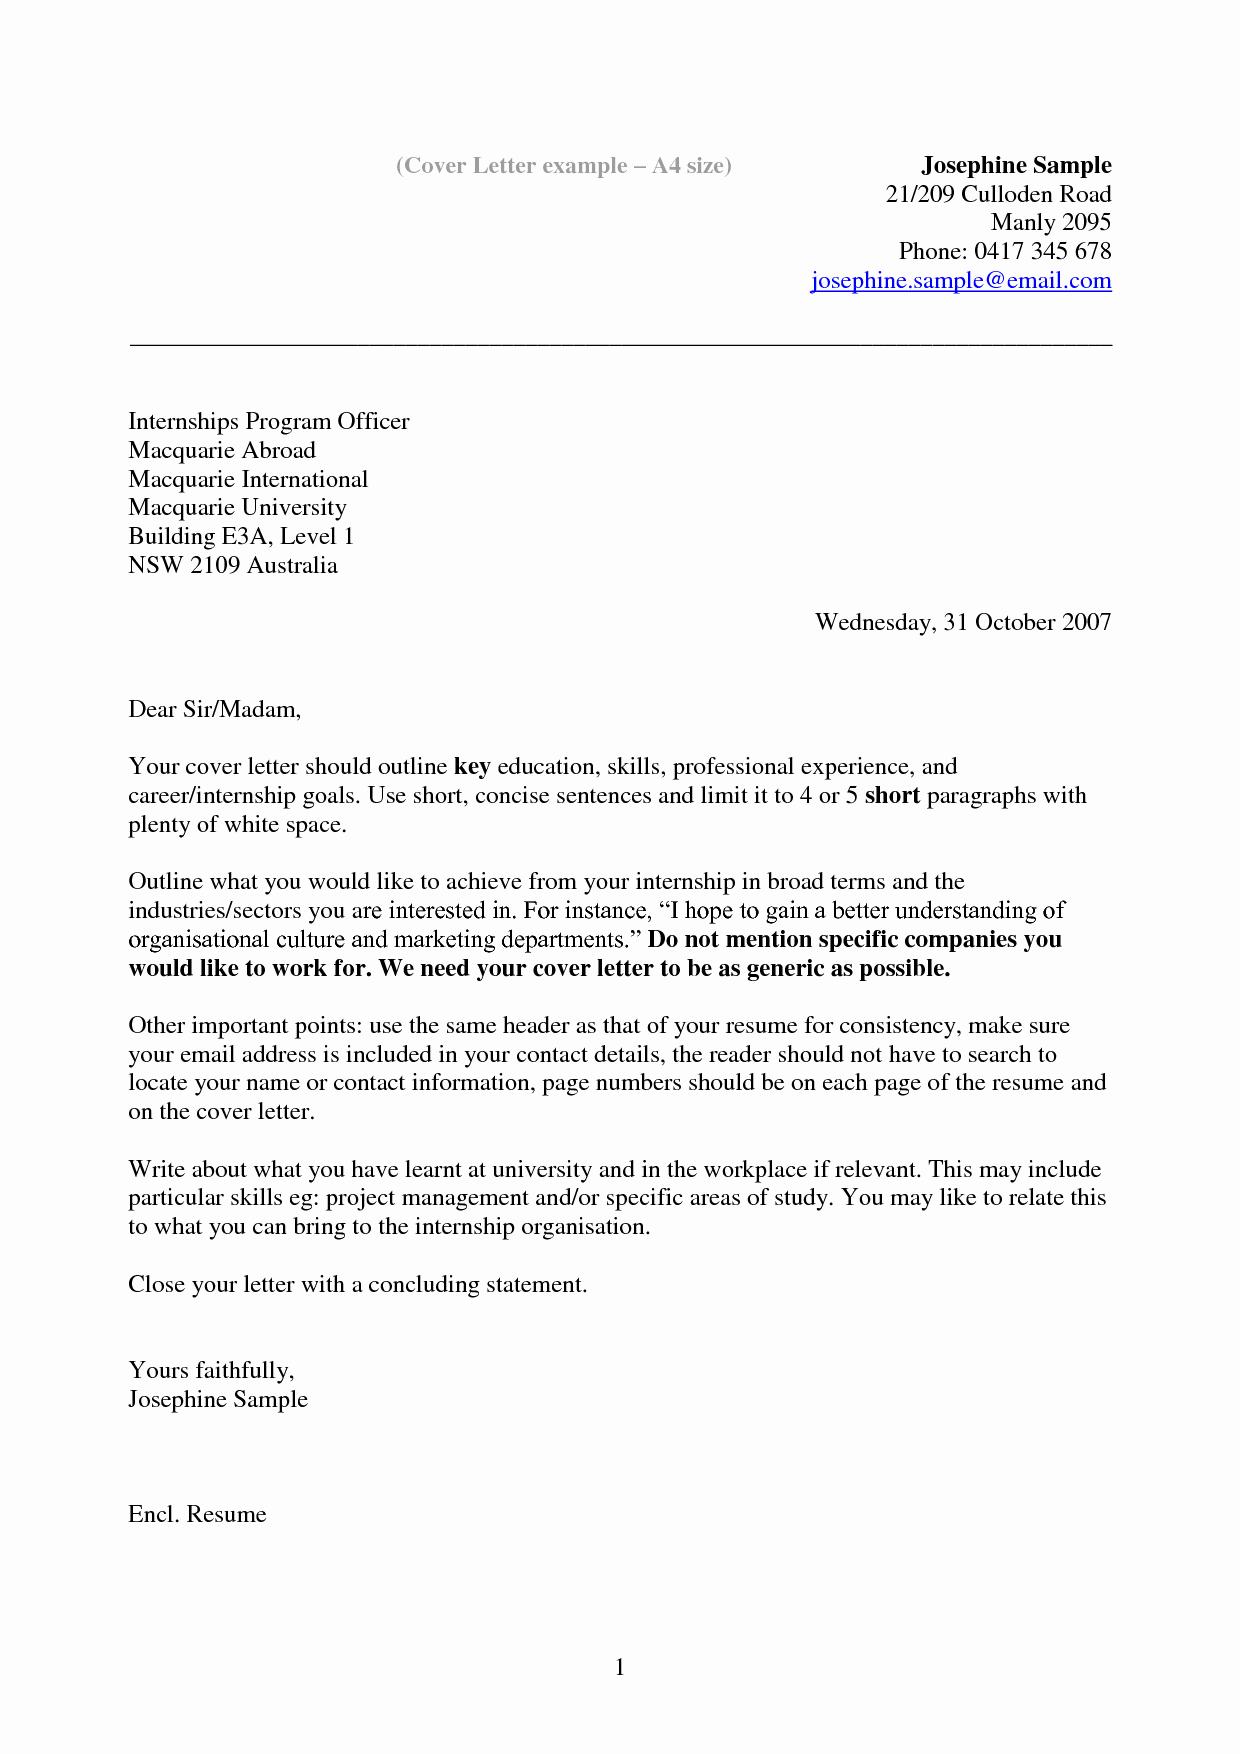 Cover Letter for Internship Examples Lovely Resume Example Resume Cover Letter Example Internship